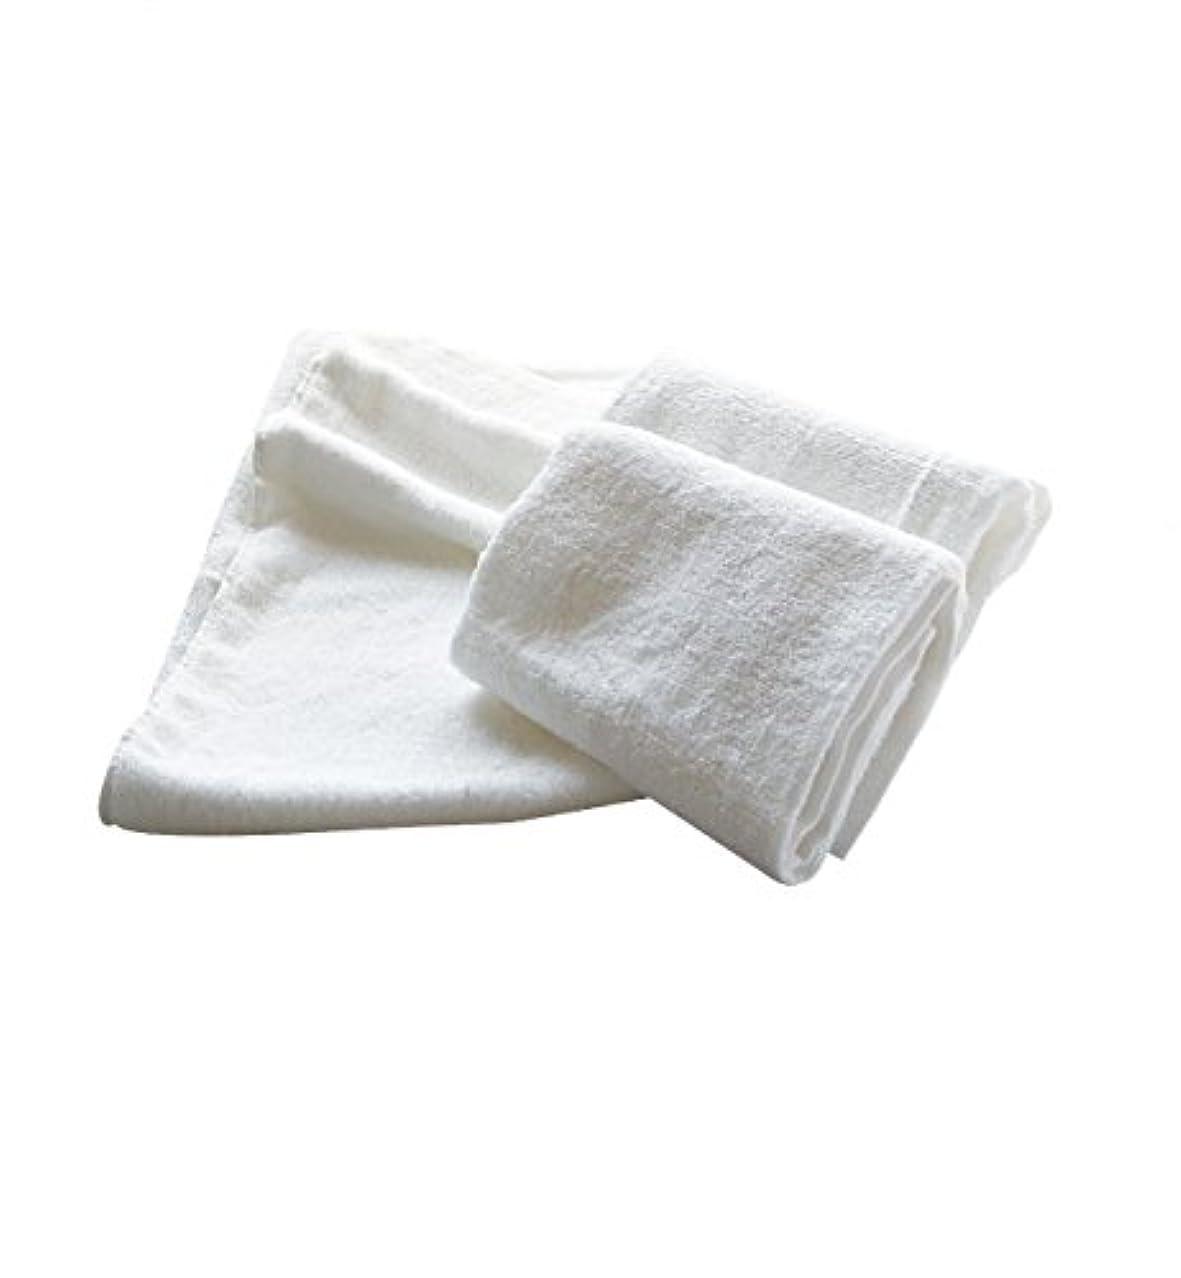 担当者手入れ導出まとめ売り やわらか バンブー 竹繊維 タオルケット (ソフトホワイト 5枚) 140×230cm 竹タオル 業務用タオル